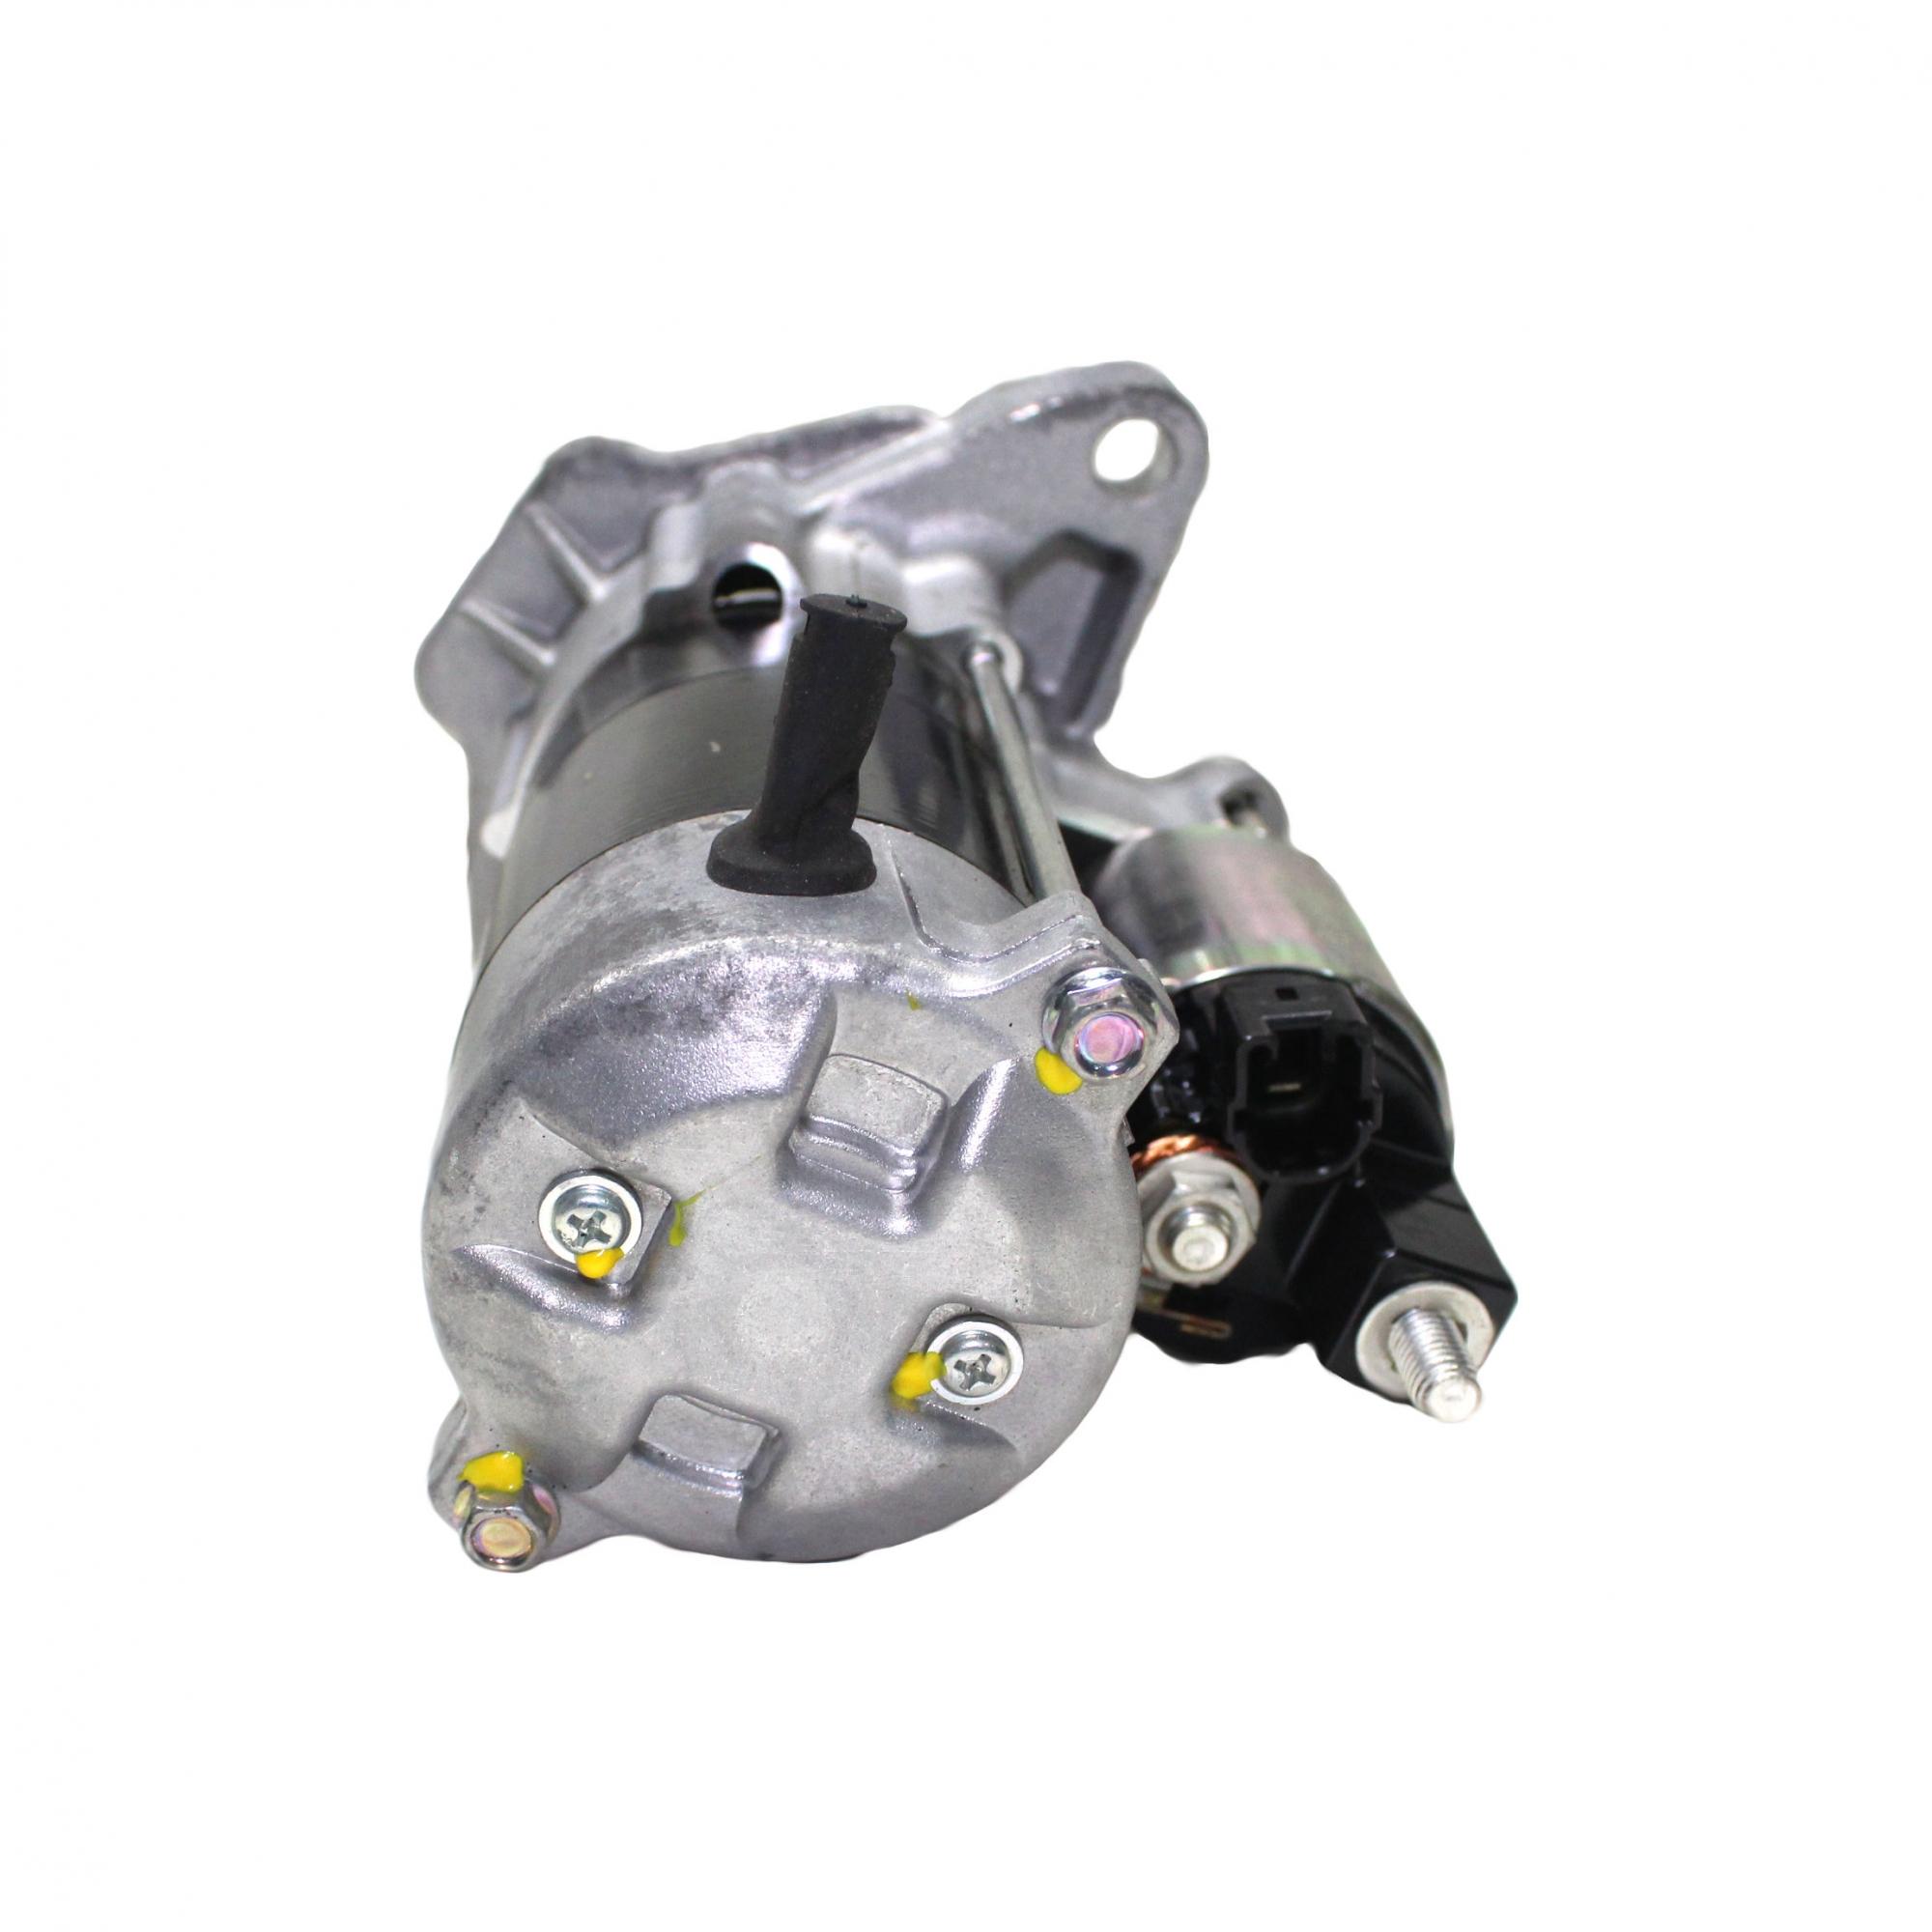 Motor de Arranque Partida Denso Toyota Etios 1.3 e 1.5 12...16 281000Y070